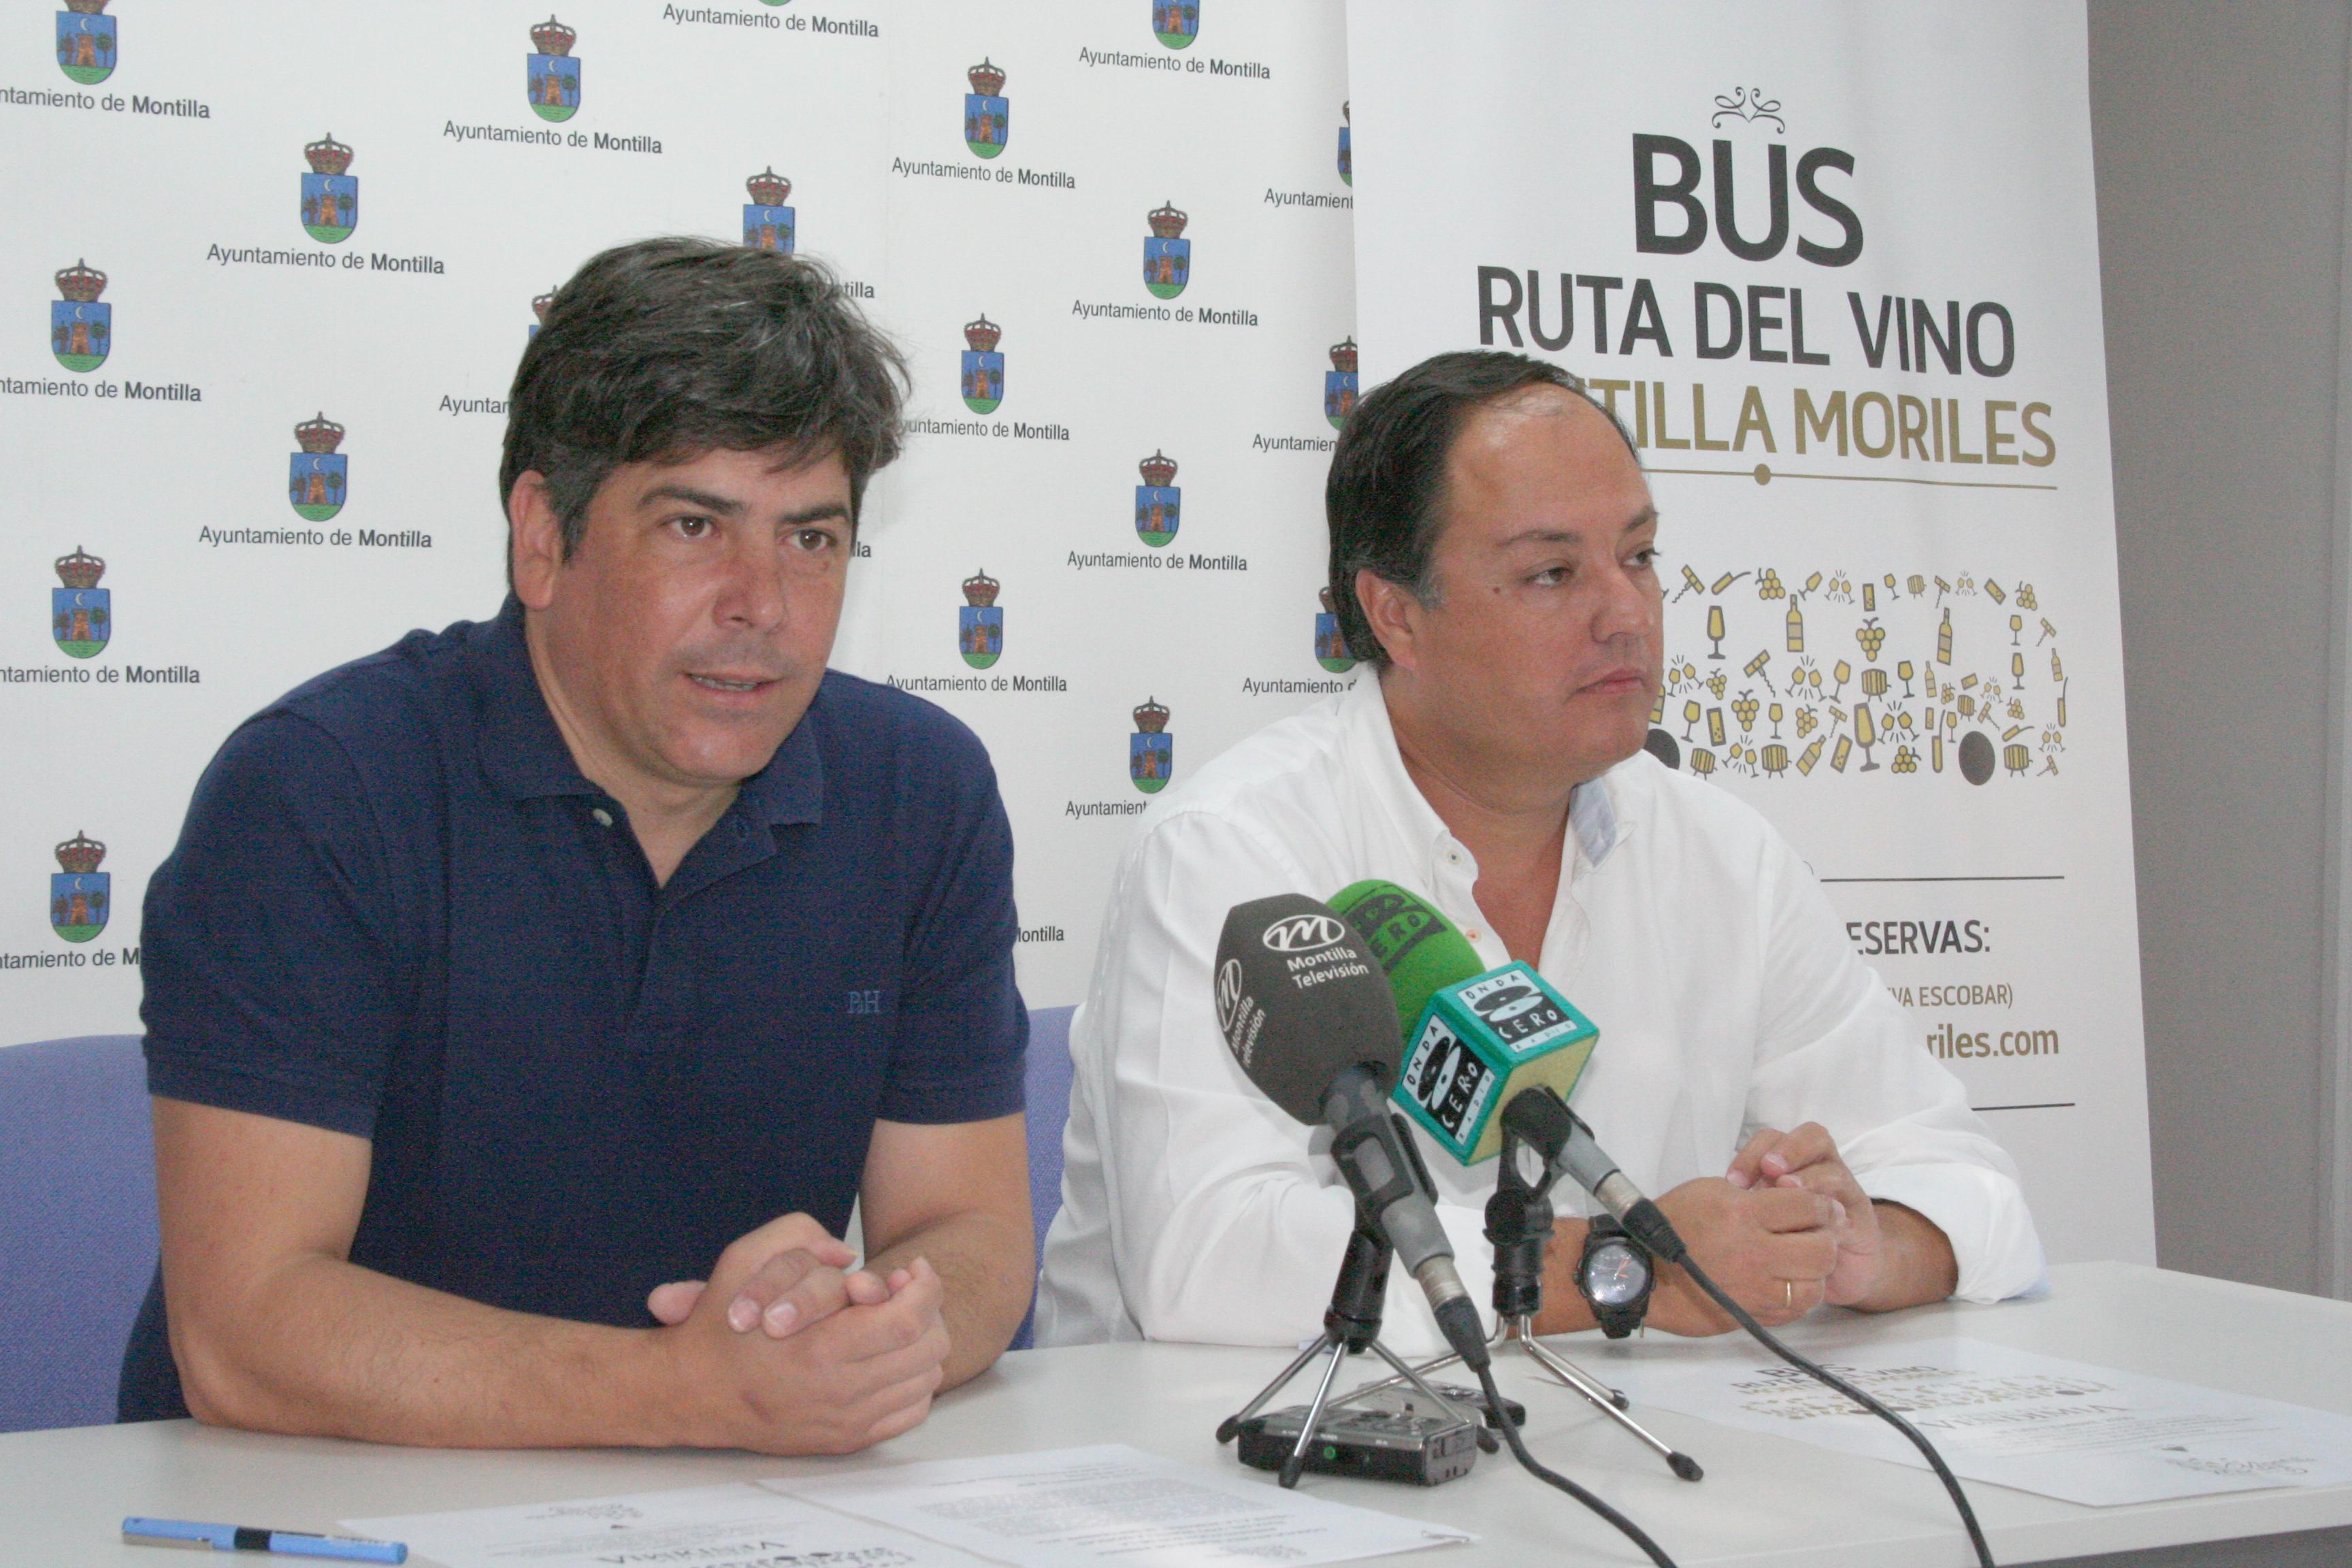 presentacion_bus_ruta_del_vino_montilla_moriles_1